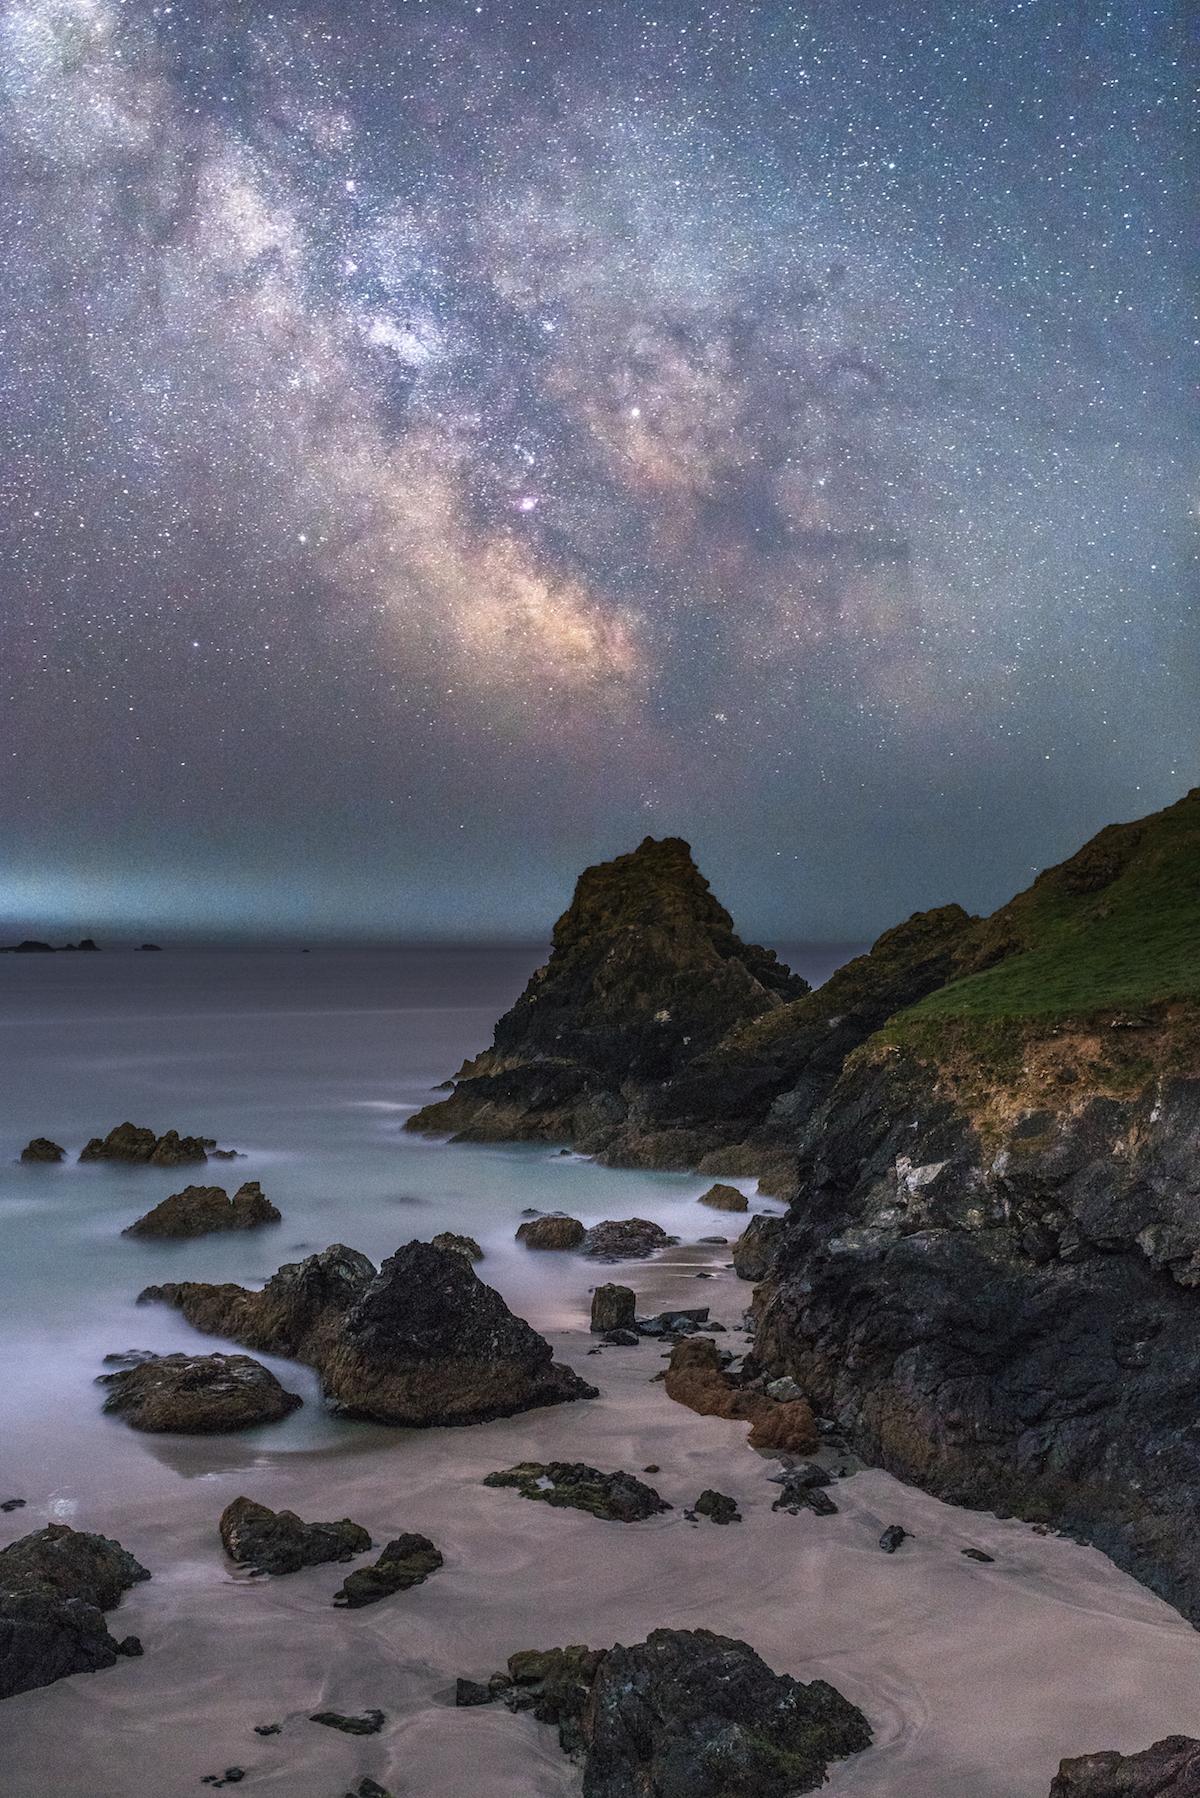 Захватывающий шорт-лист лучших астрономических фотографий года list24